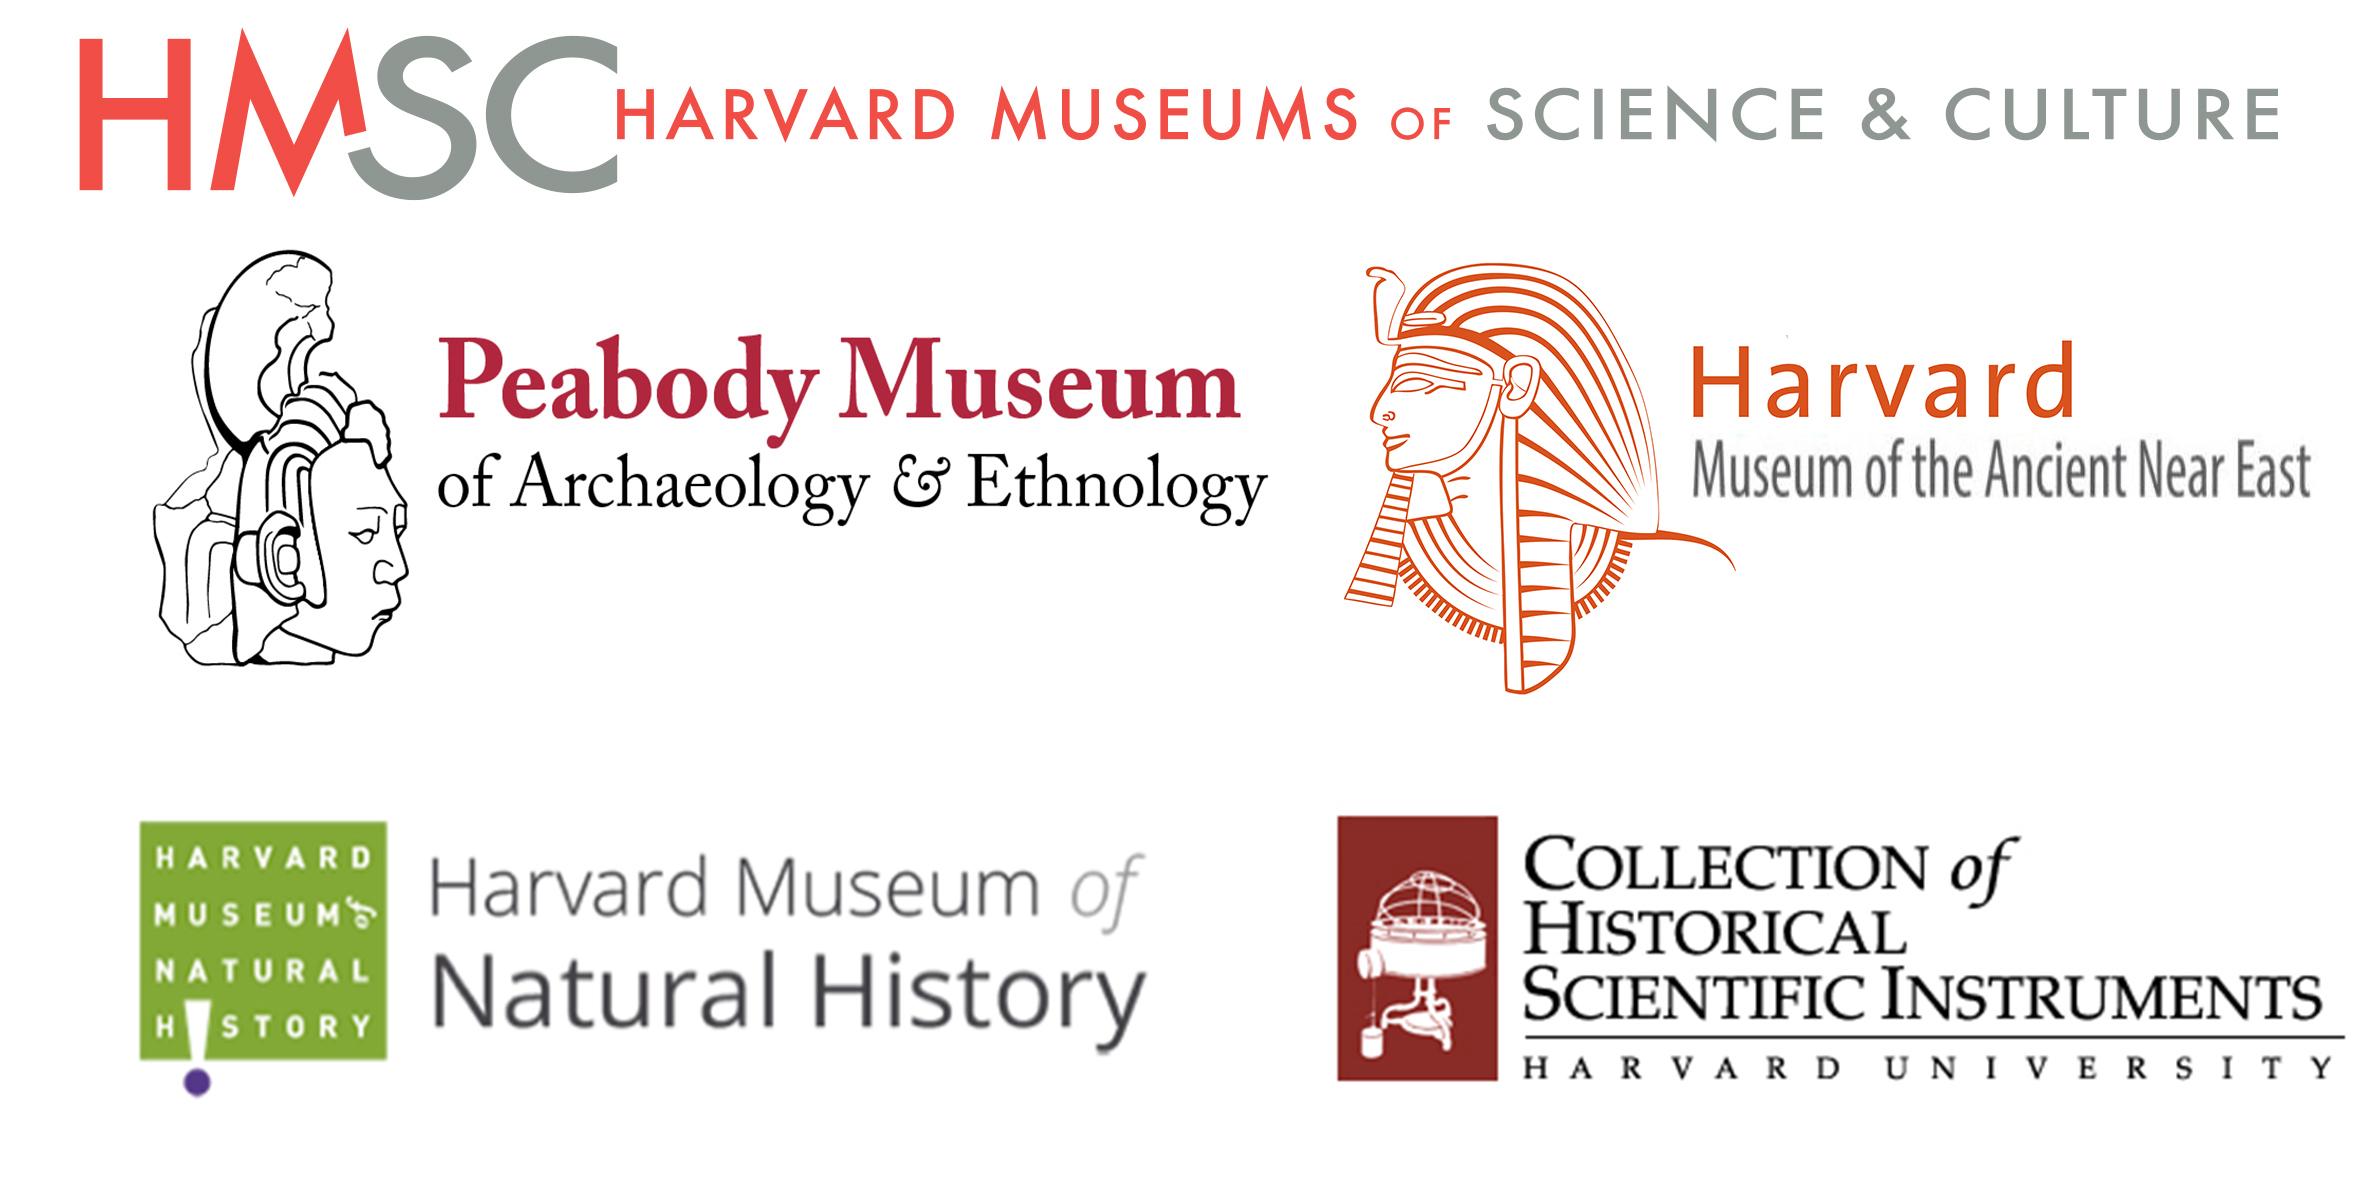 Harvard Museums of Science & Culture (HMSC)